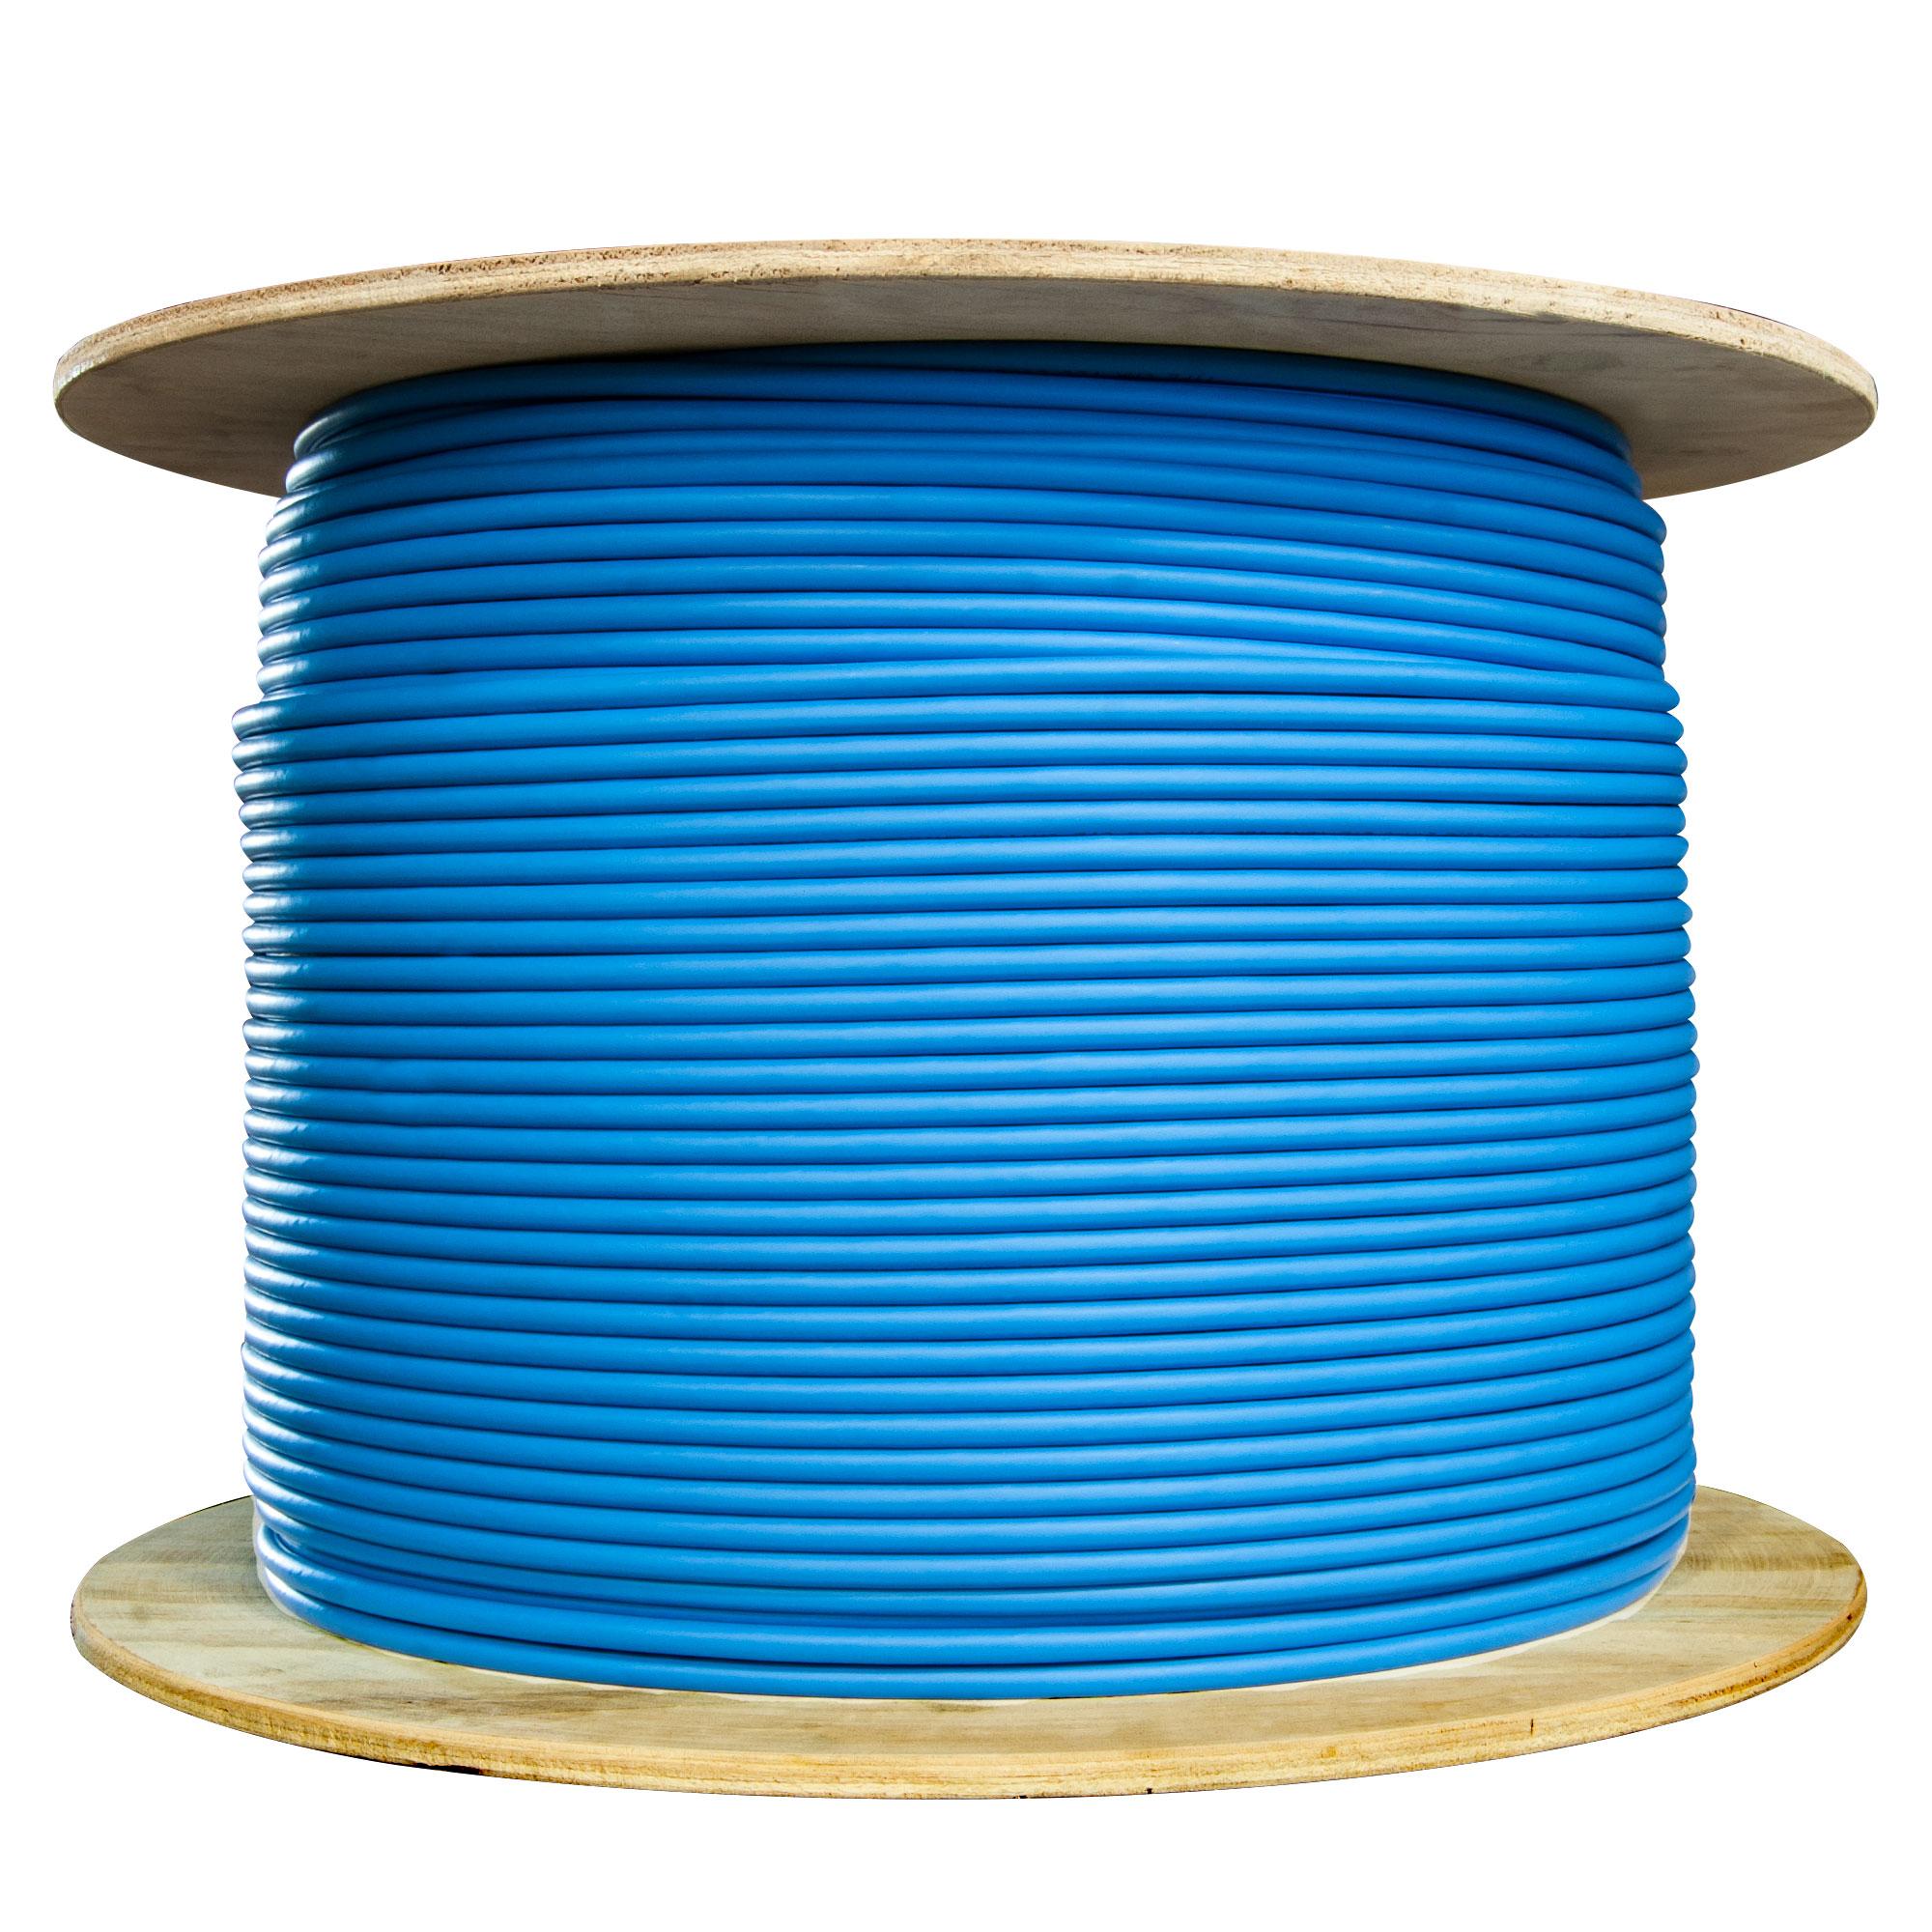 1000ft Plenum Cat6 Bulk Cable Solid Shielded Blue